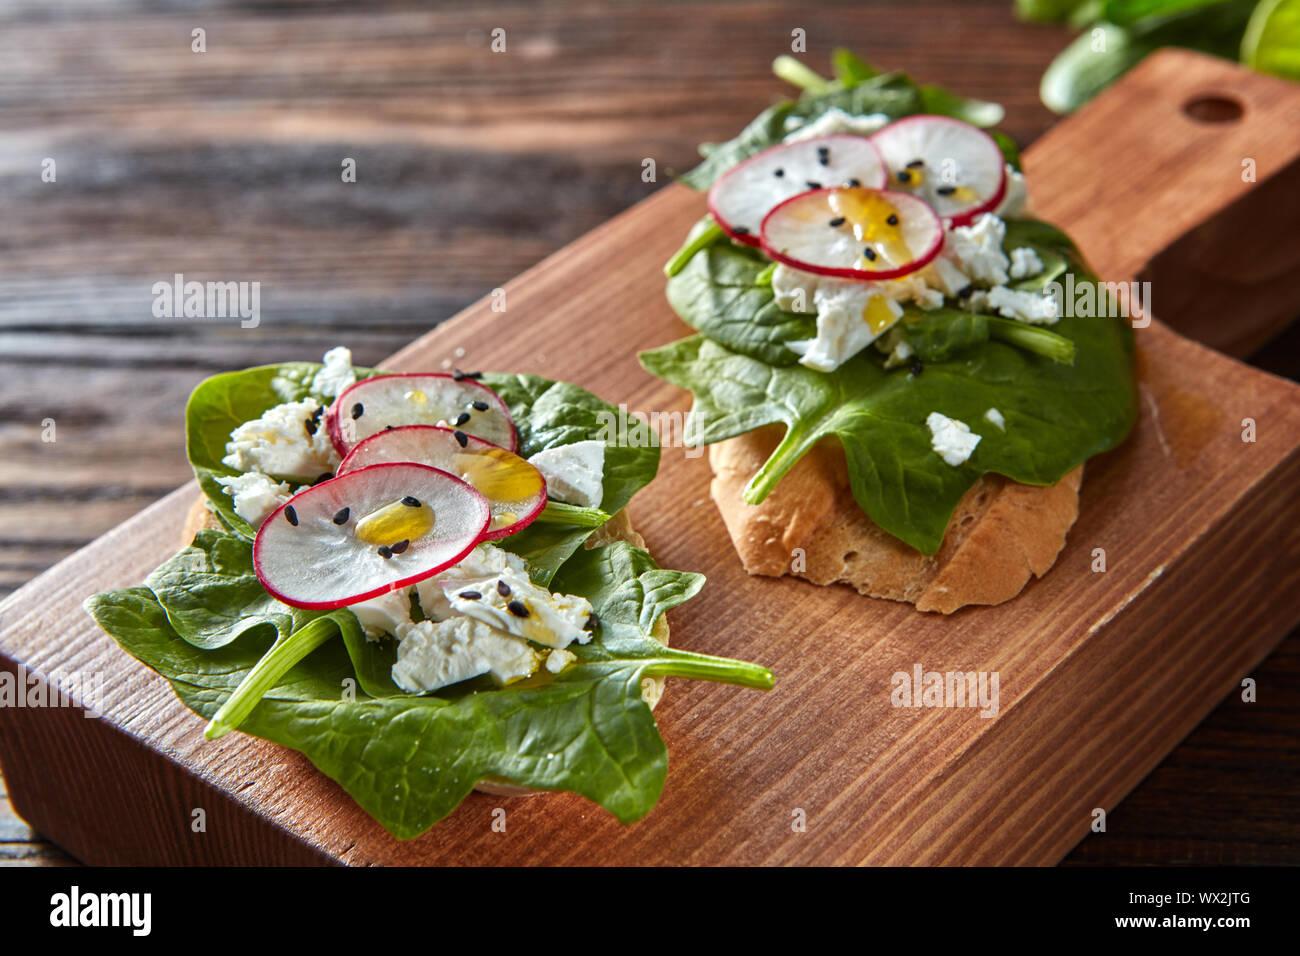 Ciabatta tostadas con suave queso cottage, rodajas de rábano, espinaca fresca, las semillas de lino sobre fondo de madera. Foto de stock